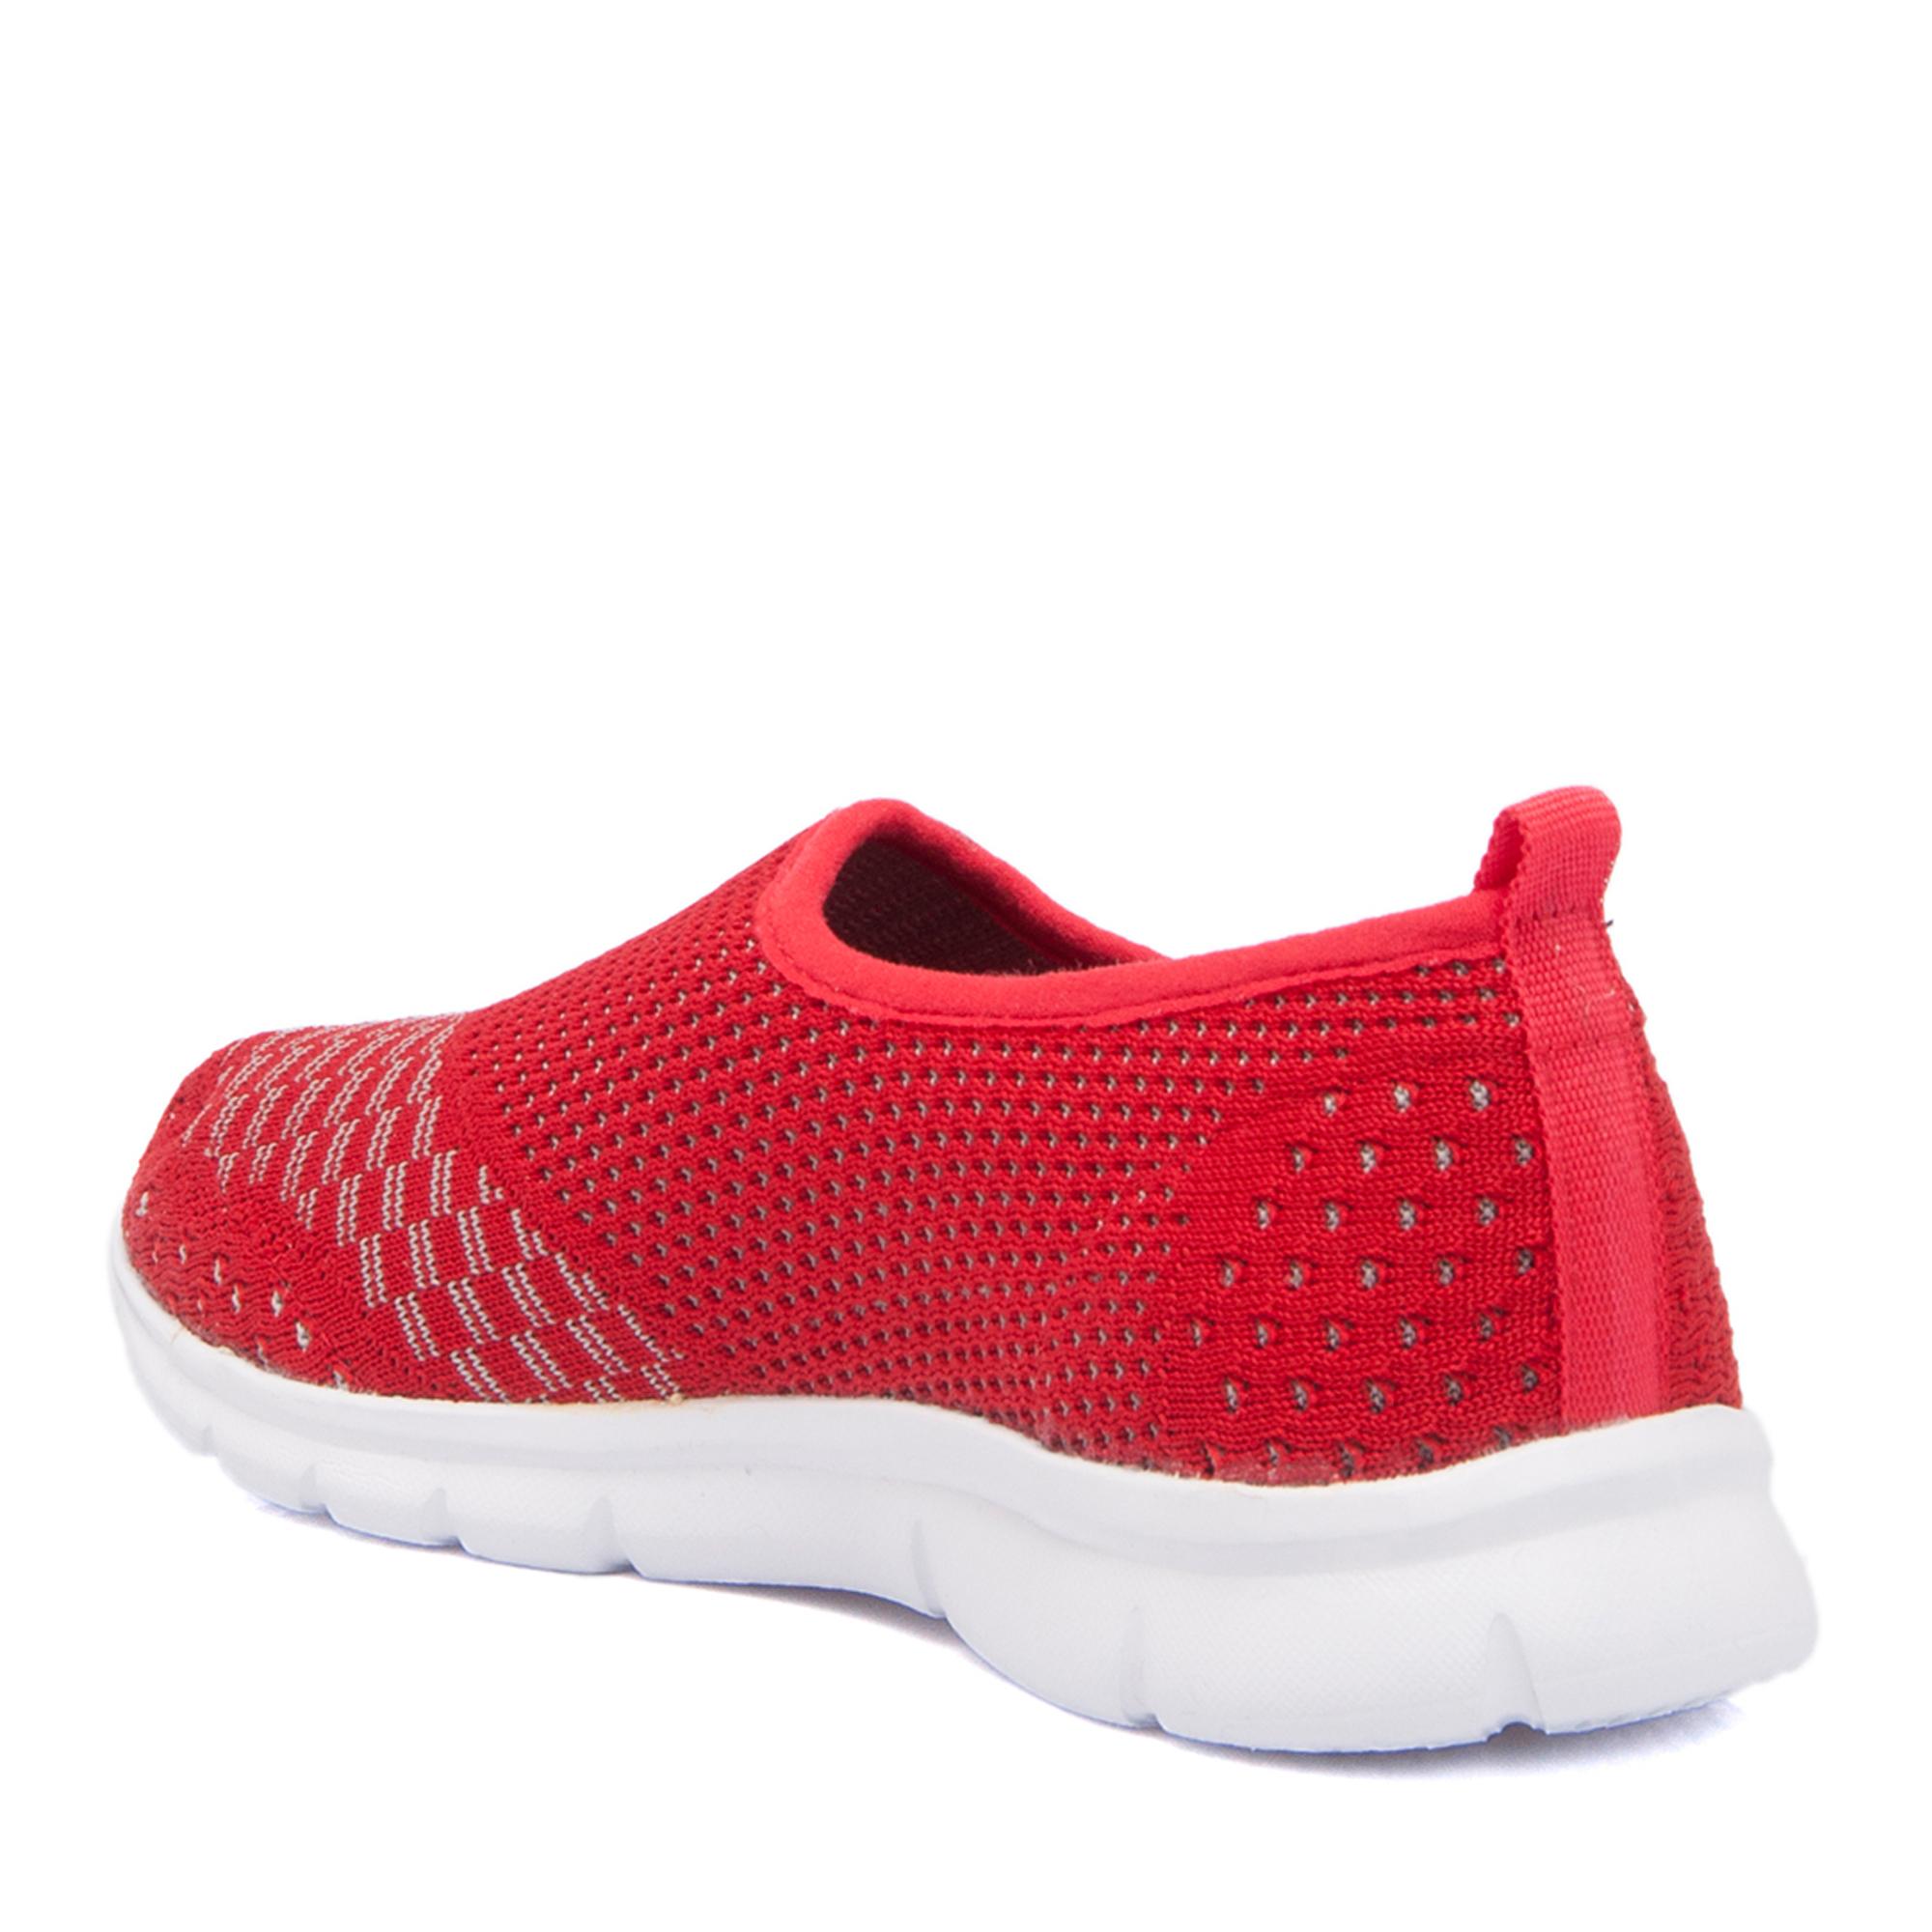 Kırmızı Tekstil Kadın Ayakkabı 64242I48